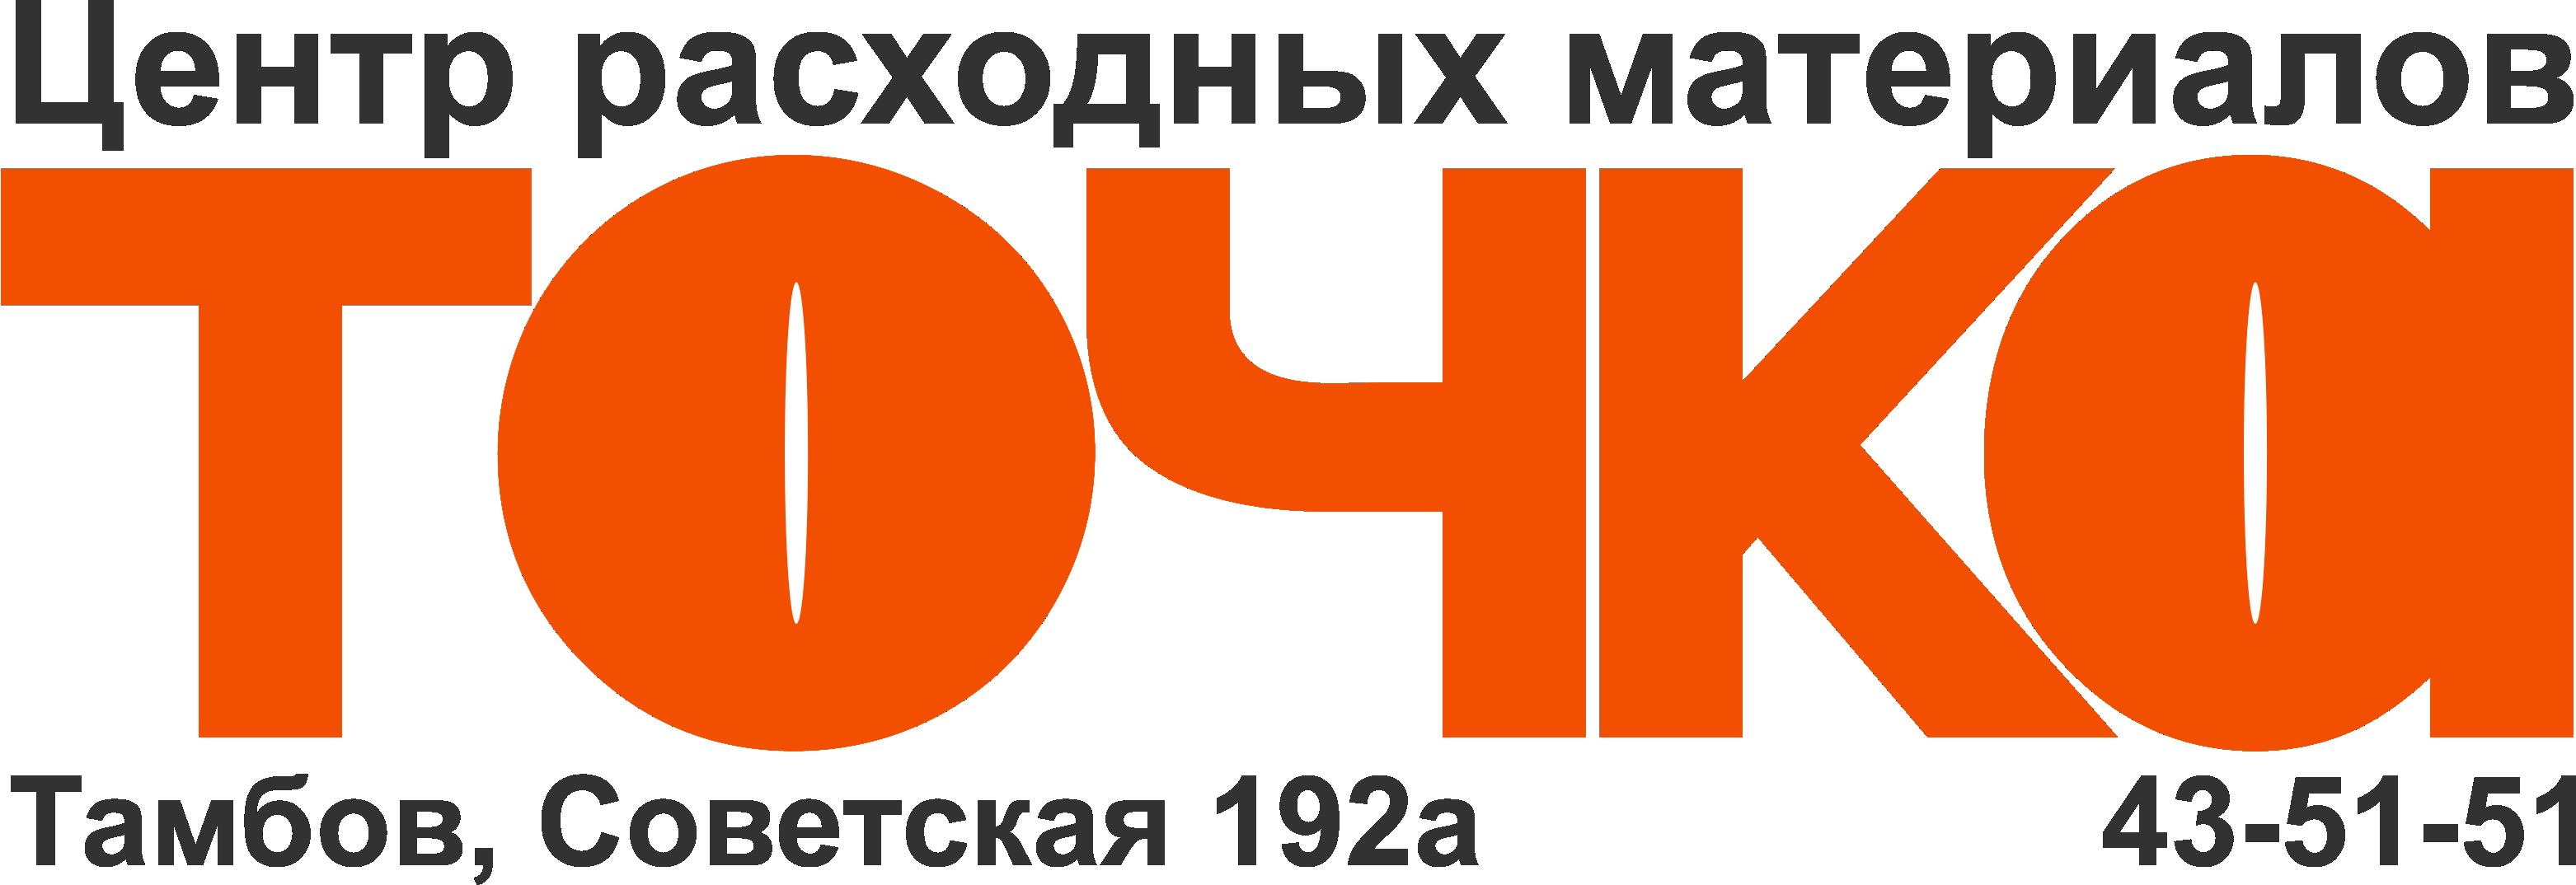 Центр расходных материалов ТОЧКА